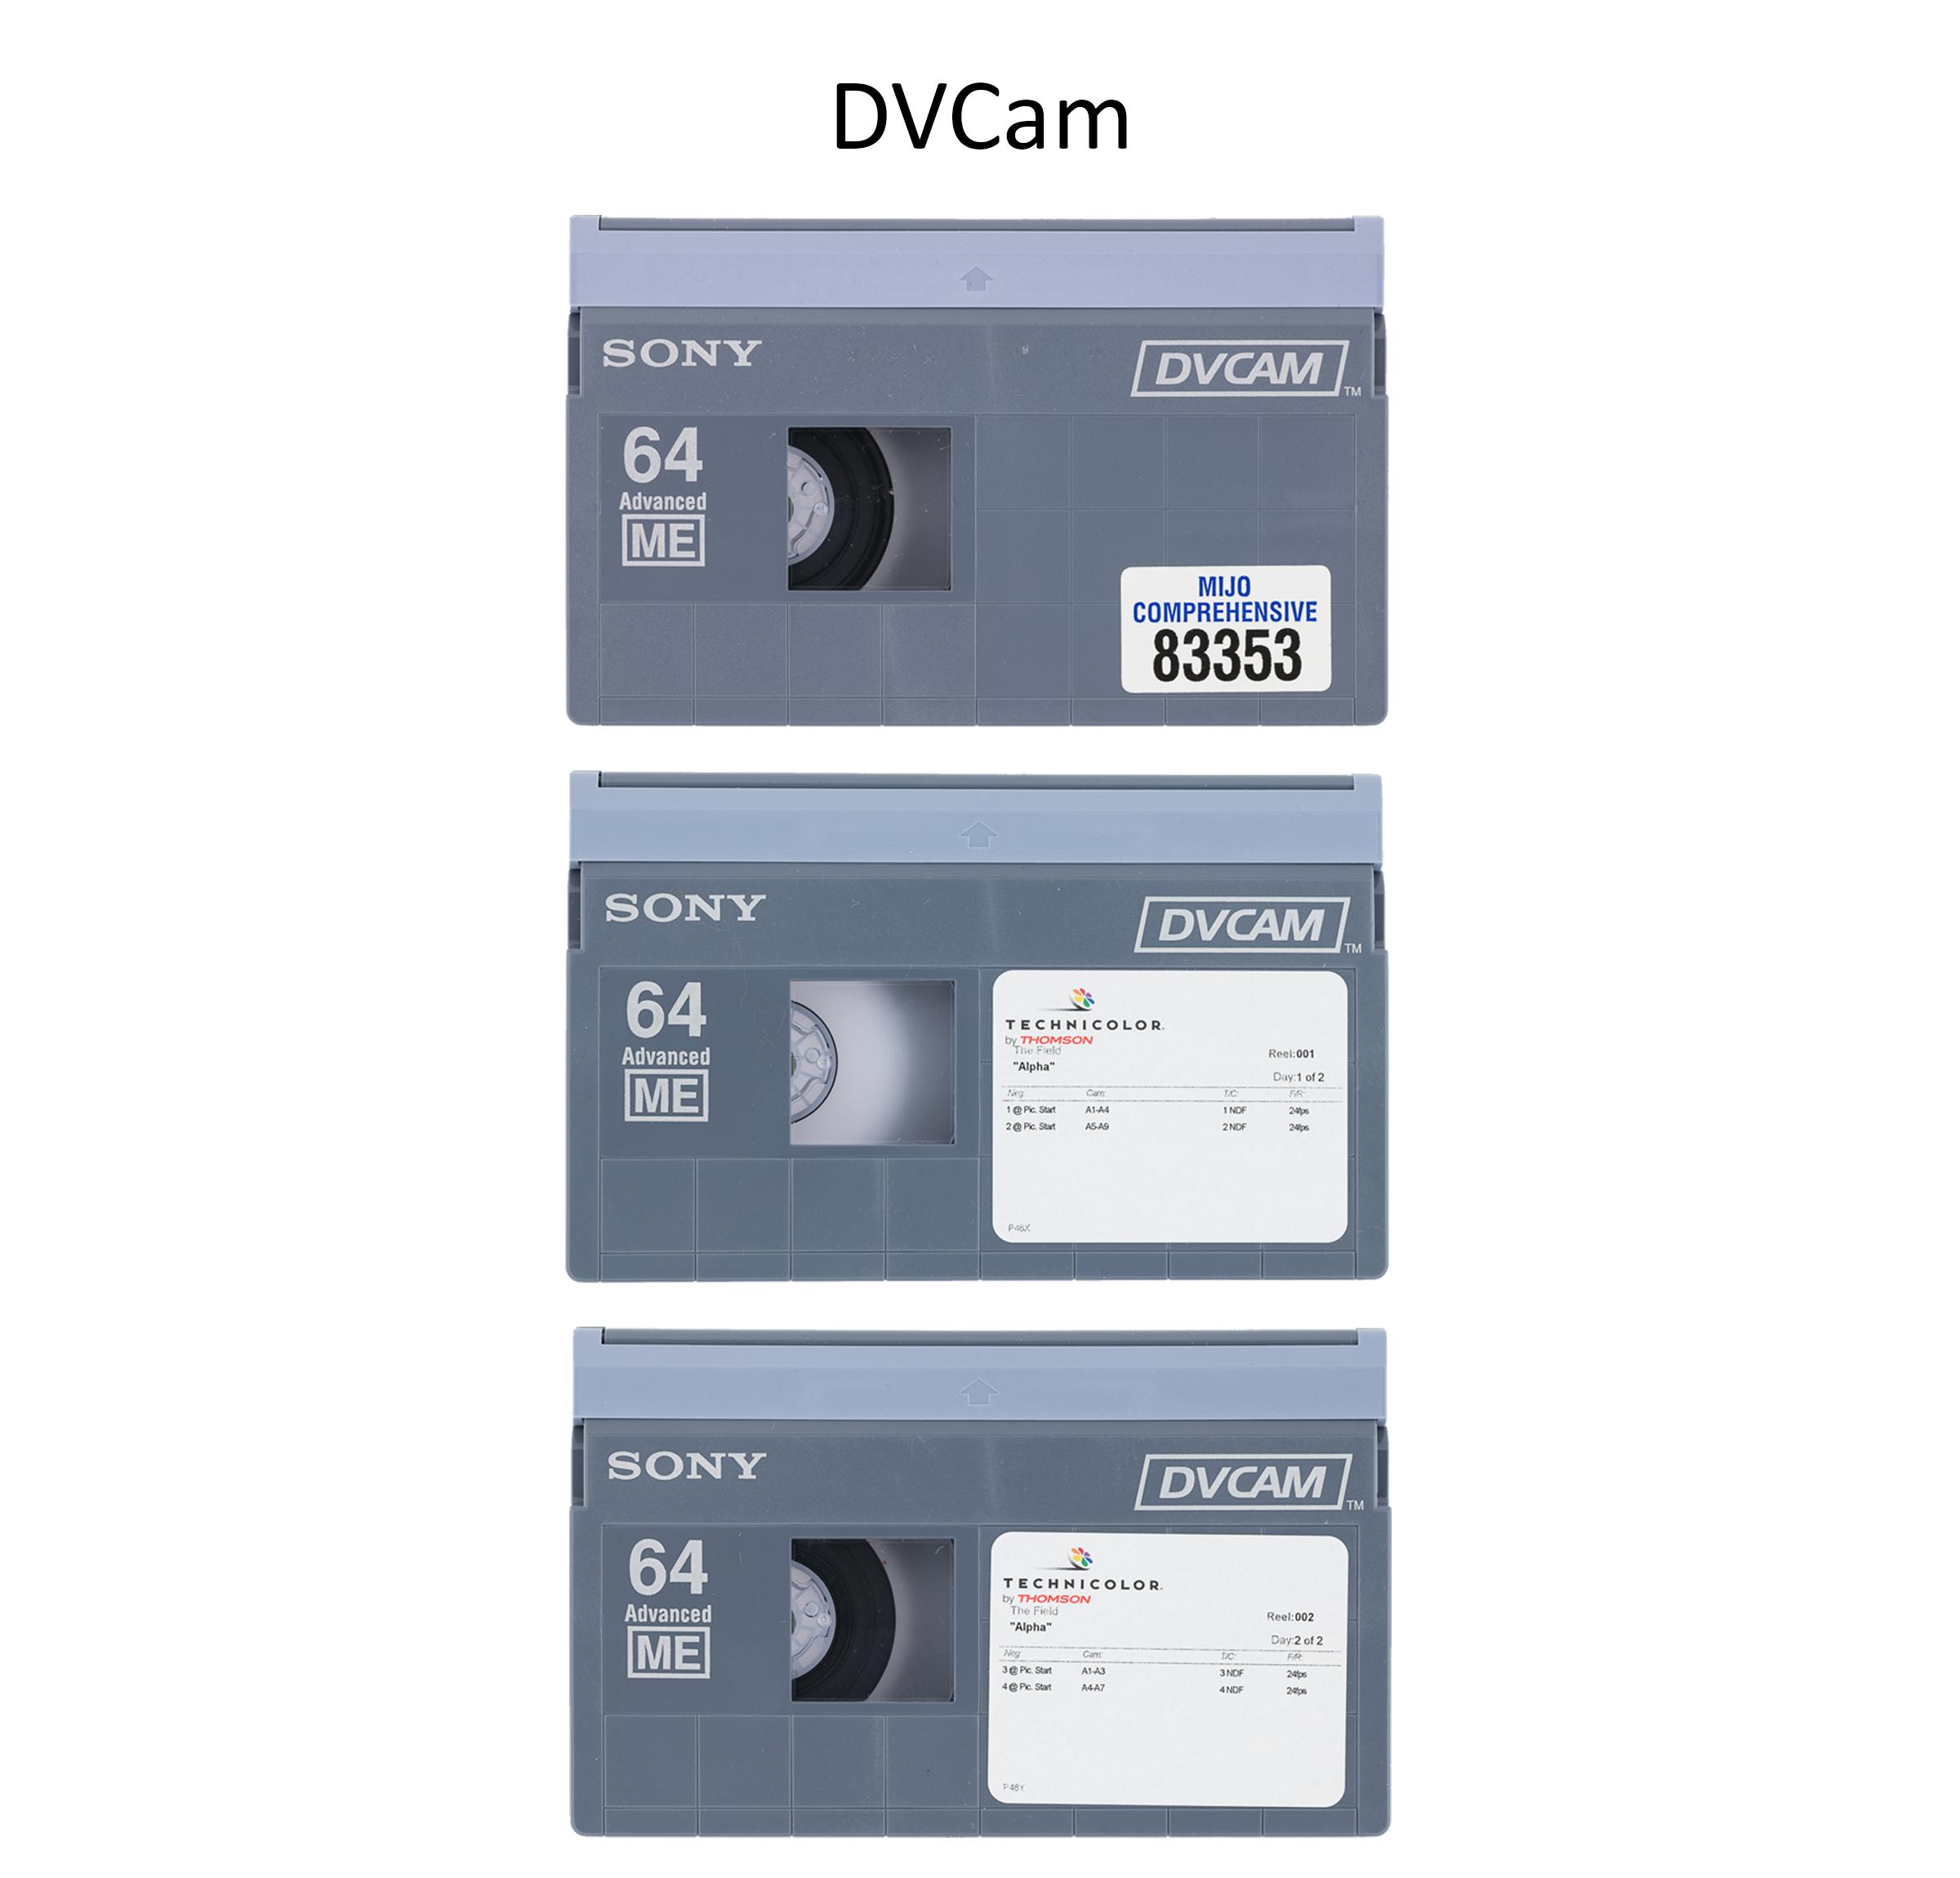 DVCam